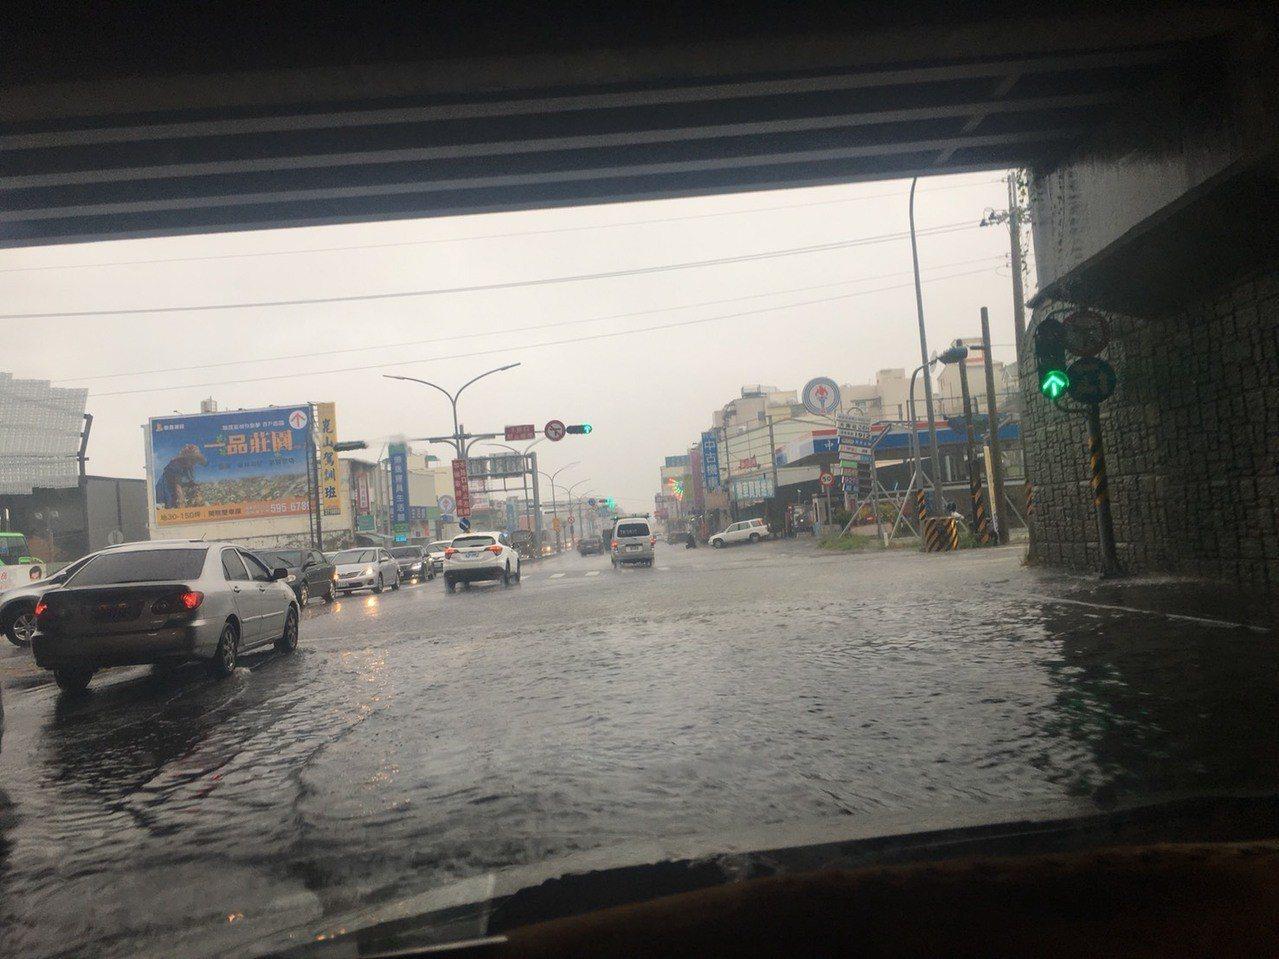 受到熱帶低壓及其外圍環流影響,台南市今晨開始出現強降雨。記者吳淑玲/攝影